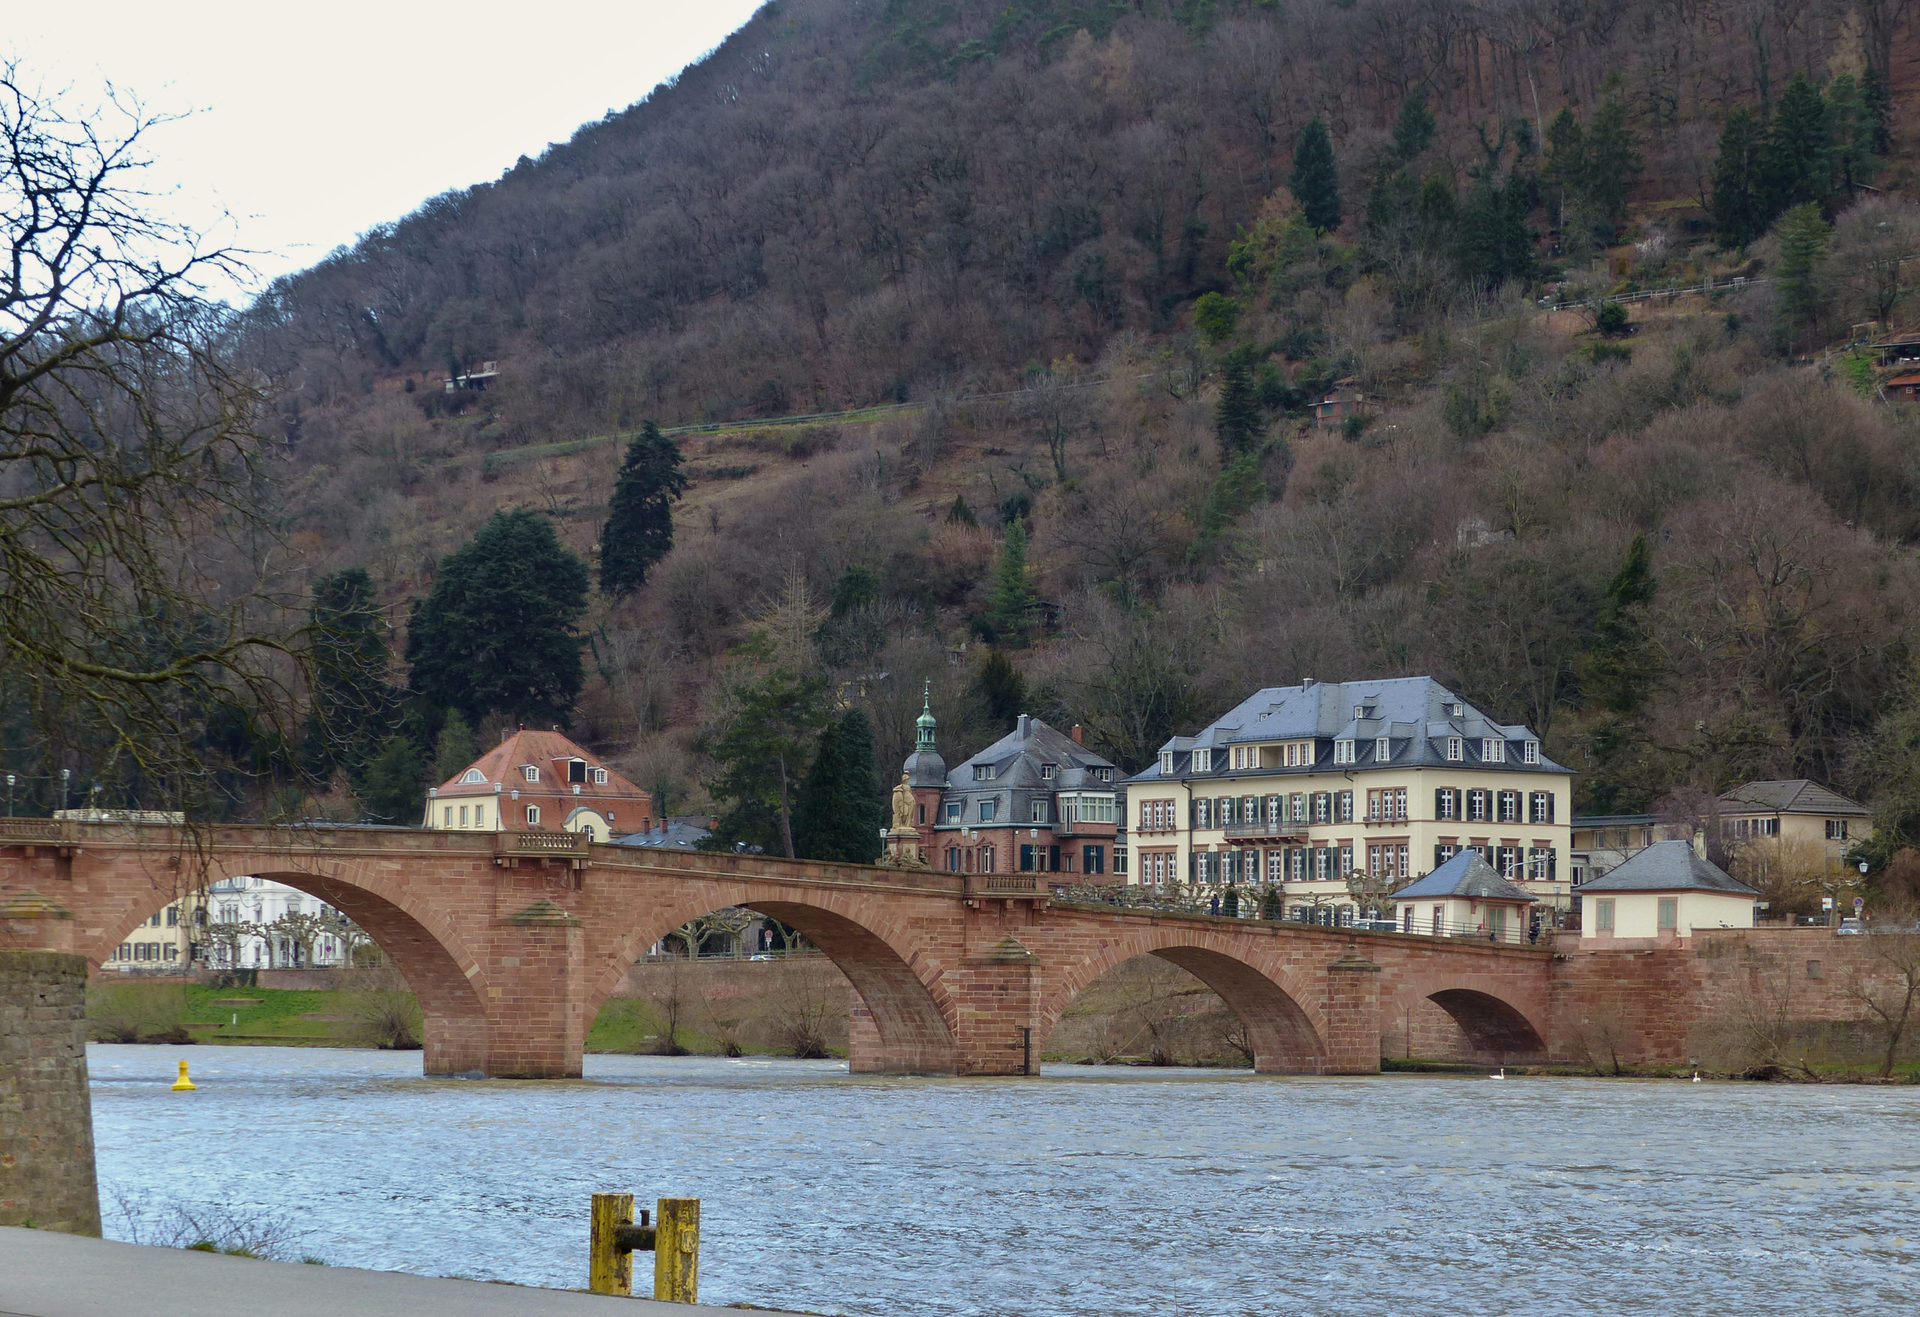 Alte Brücke von B37 aus